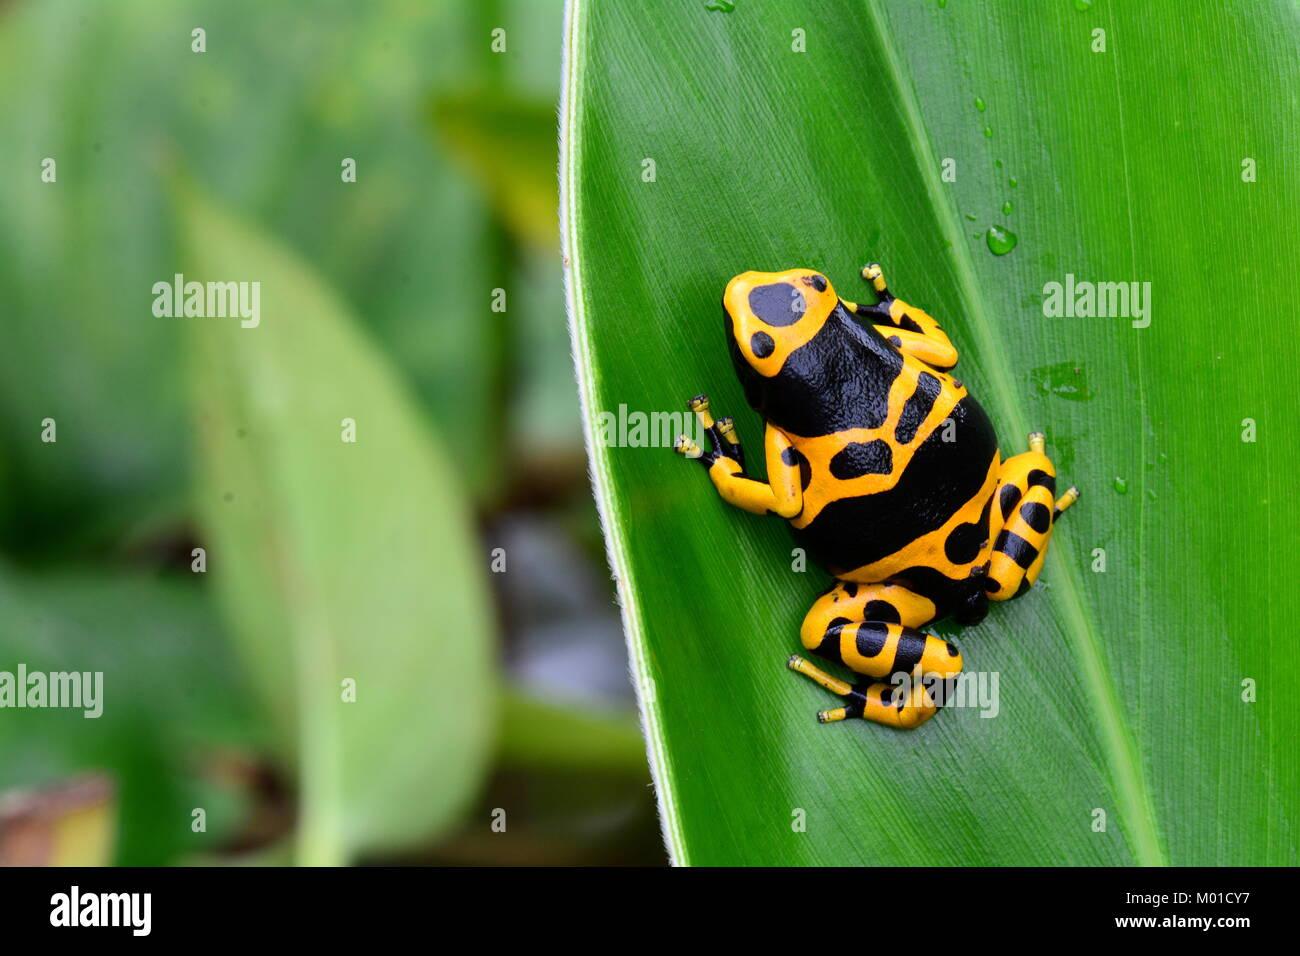 Une jolie petite couleur Bumble bee poison dart frog est assis sur une feuille de la plante dans les jardins. Photo Stock